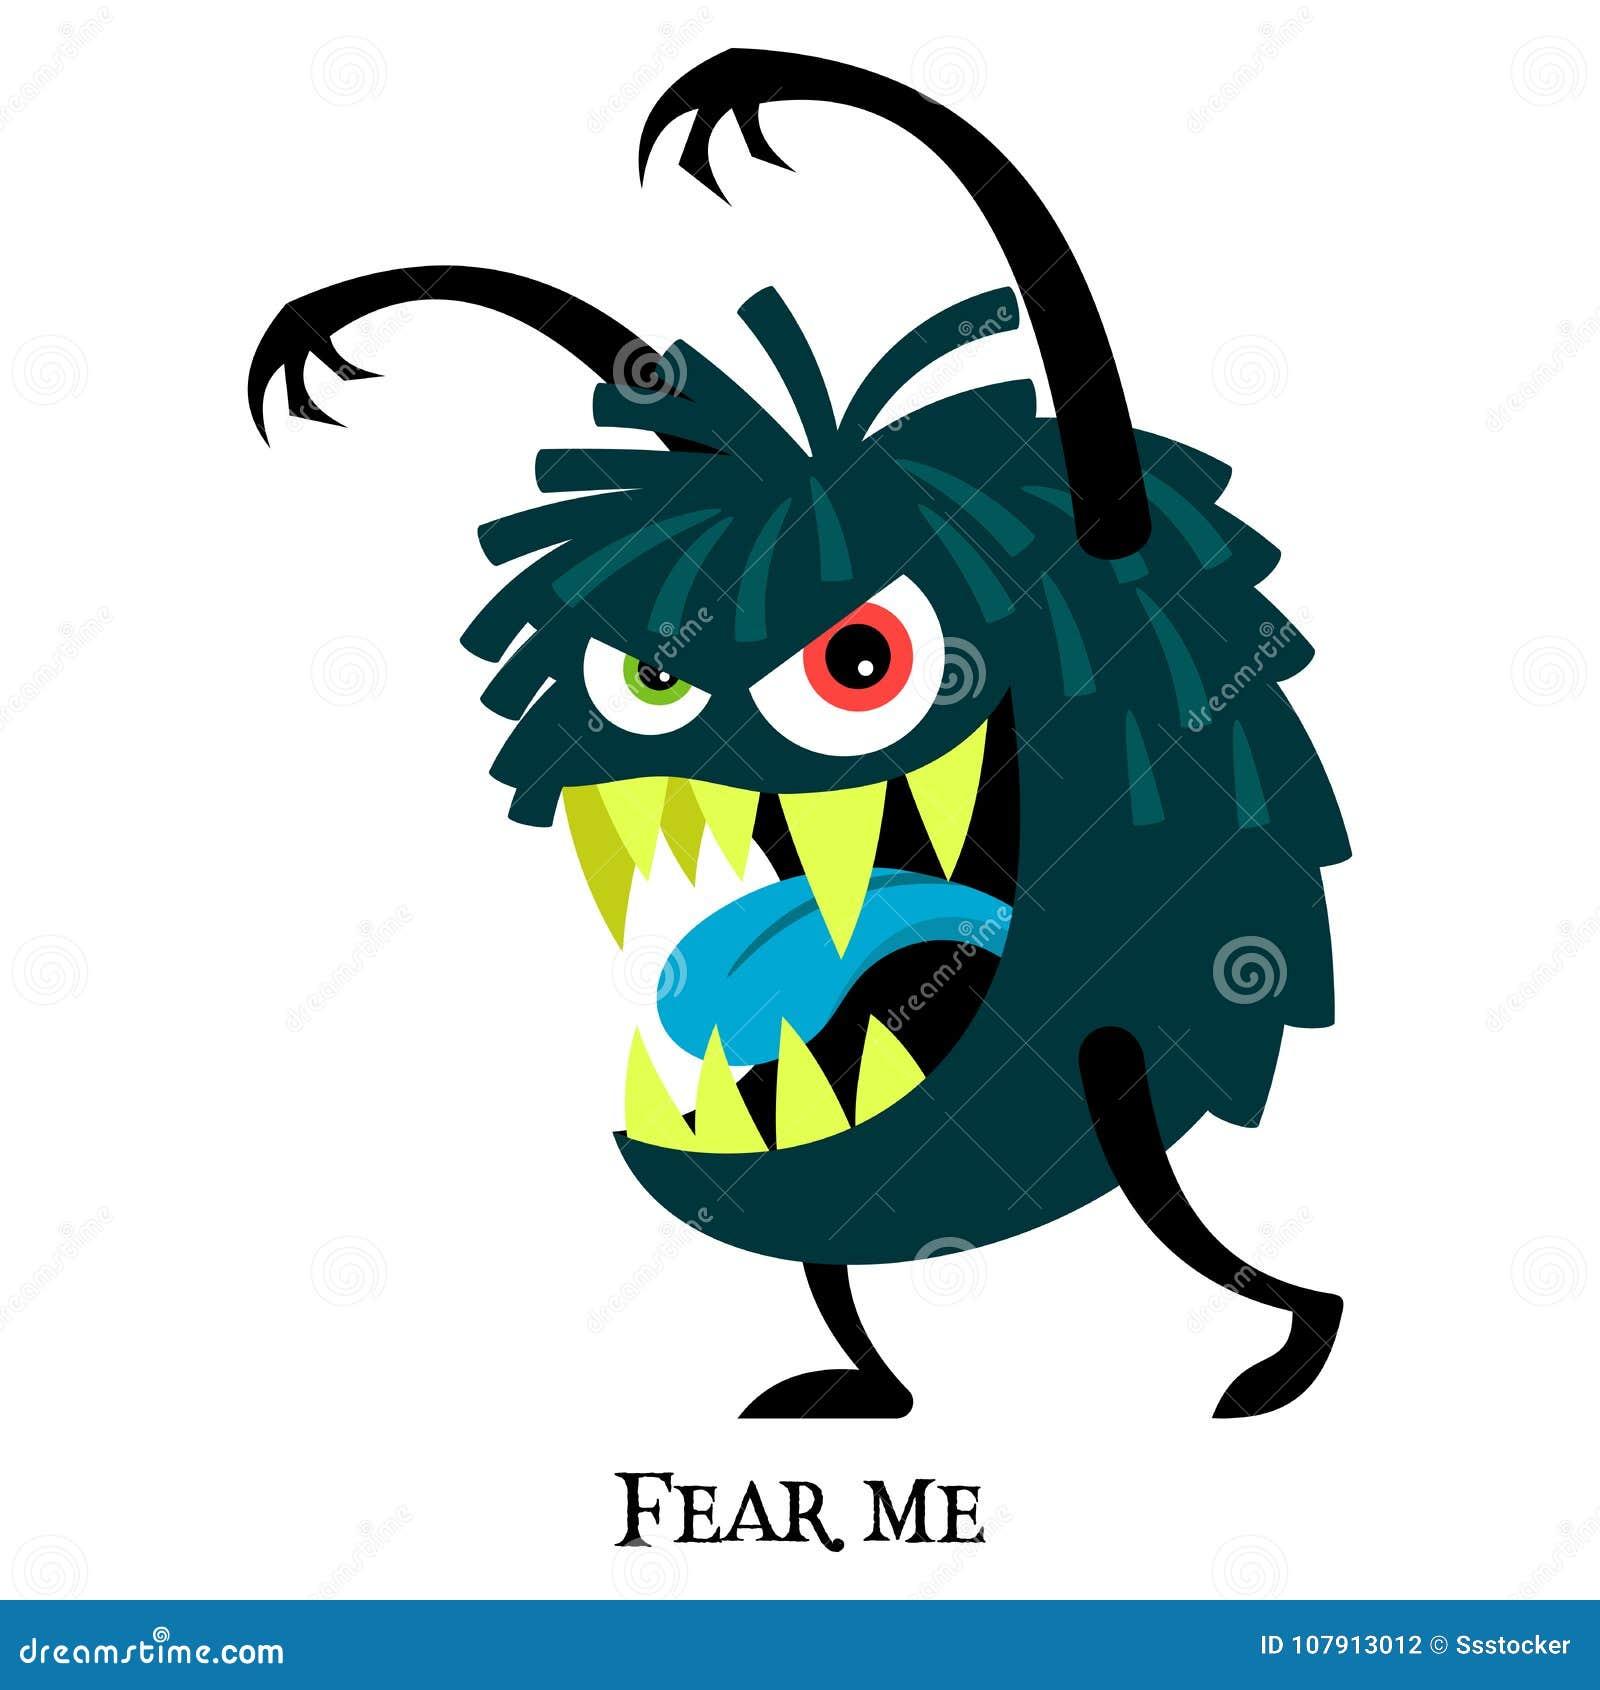 Blue Scary Monster For T Shirt Design Stock Vector Illustration Of